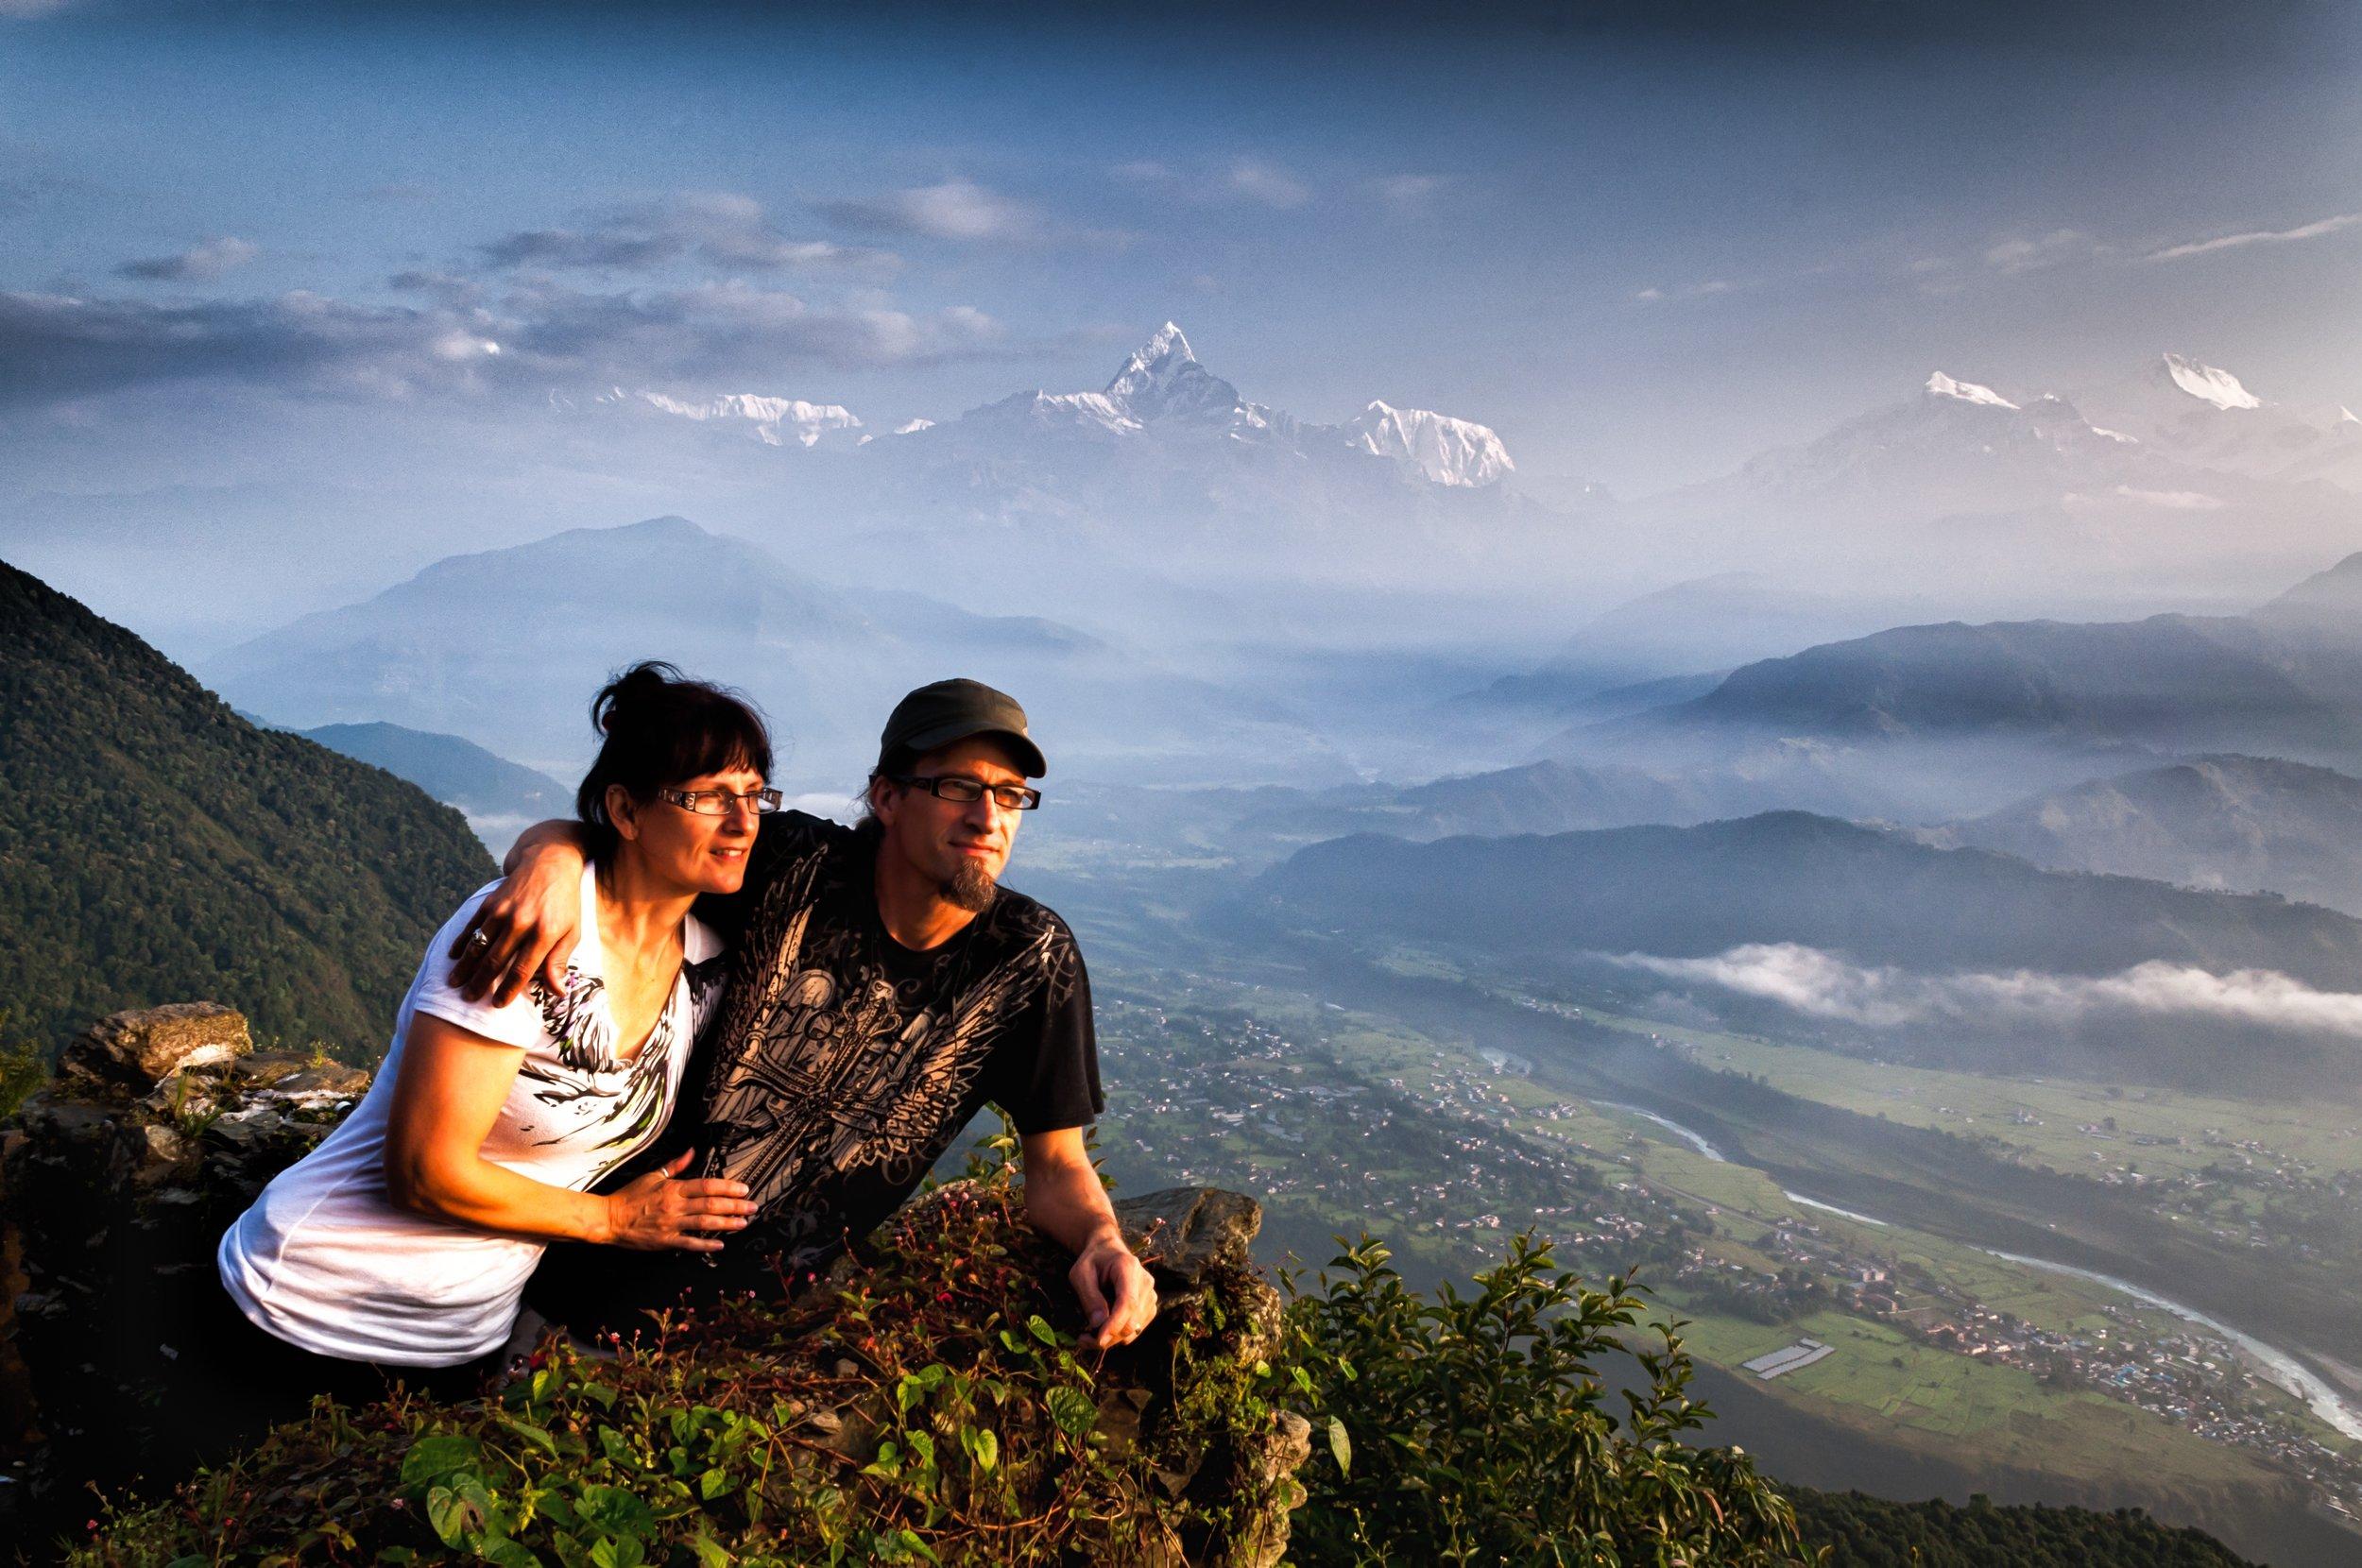 Team leaders Paul & Lisa Hansen in Nepal